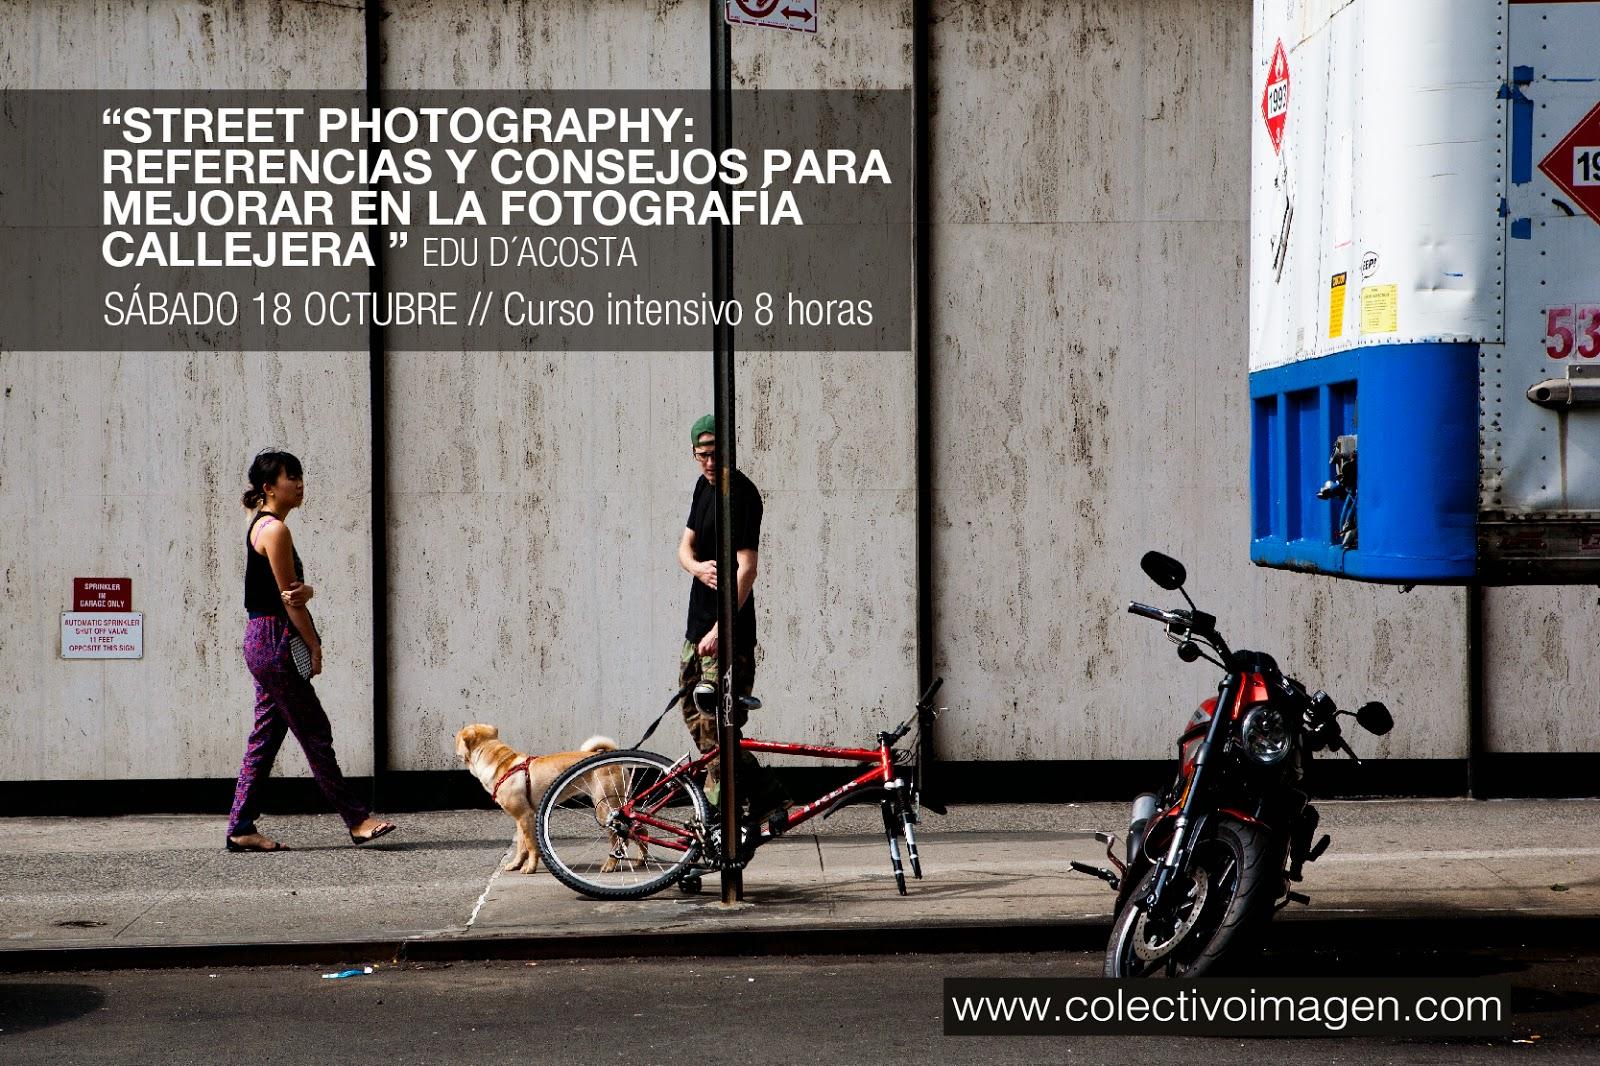 Street Photography, por Eduardo D'Acosta